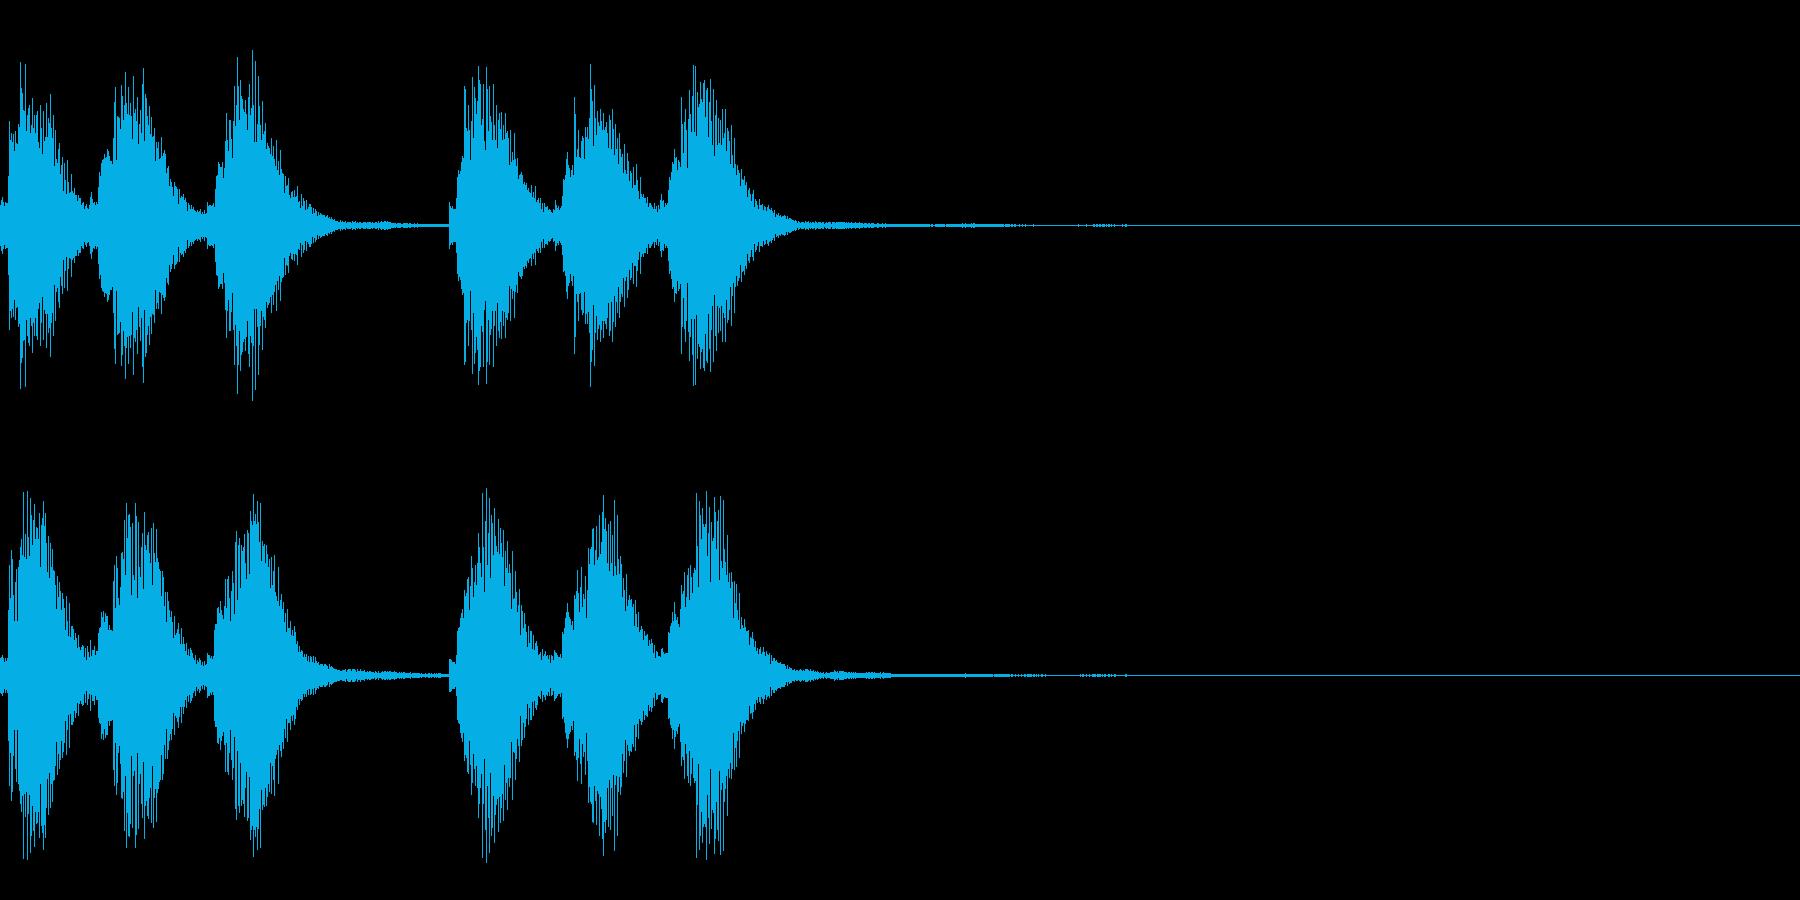 爽やかで歯切れの良いアラーム・着信音の再生済みの波形